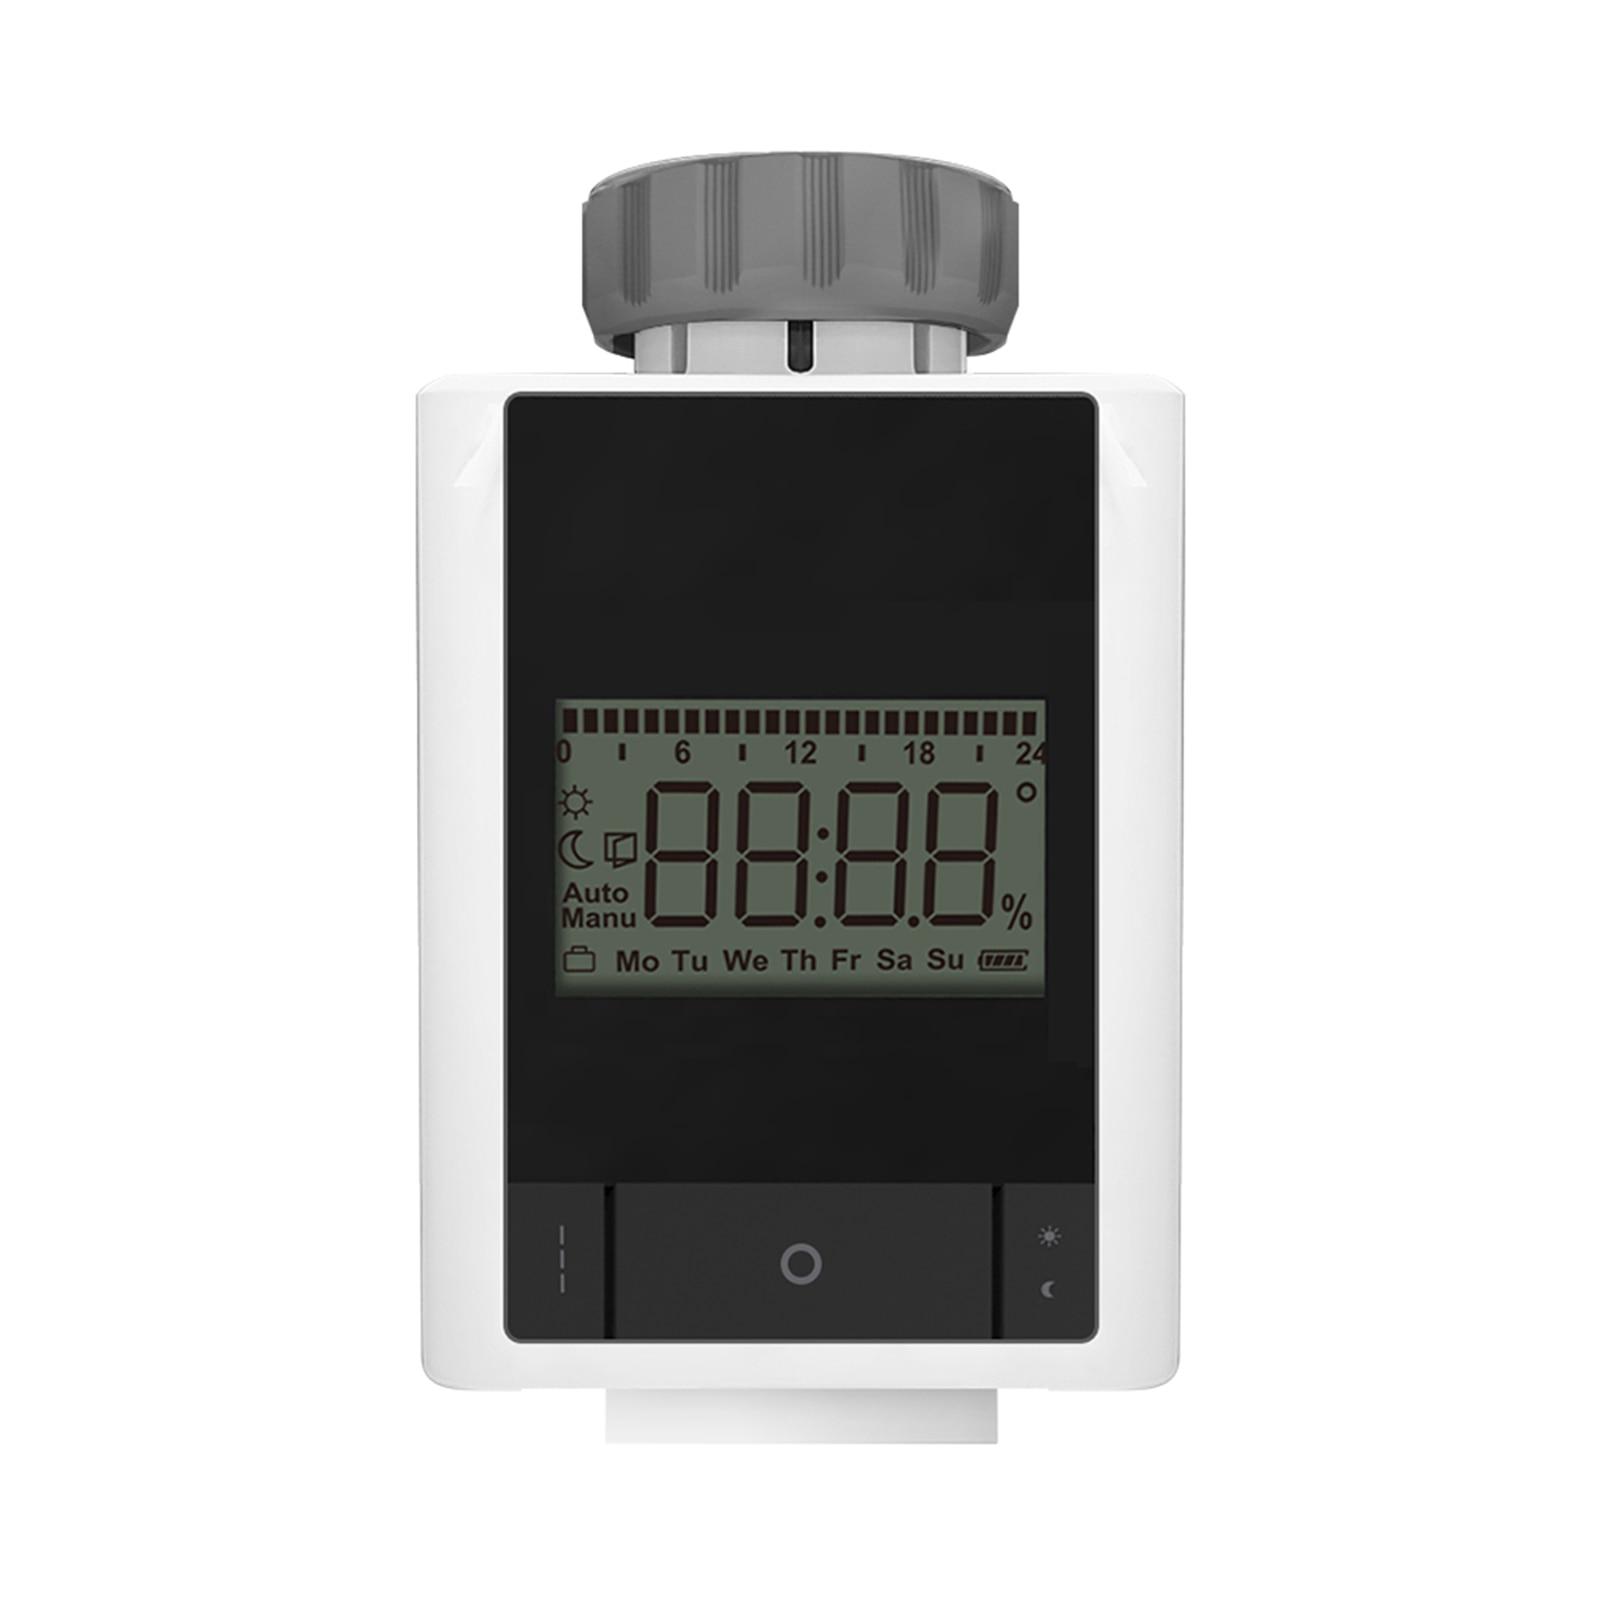 صمام التحكم الذكي في درجة الحرارة للبرمجة المنزلية صمام تنظيم درجة الحرارة زيجبي 3.0 تويا APP التحكم عن بعد